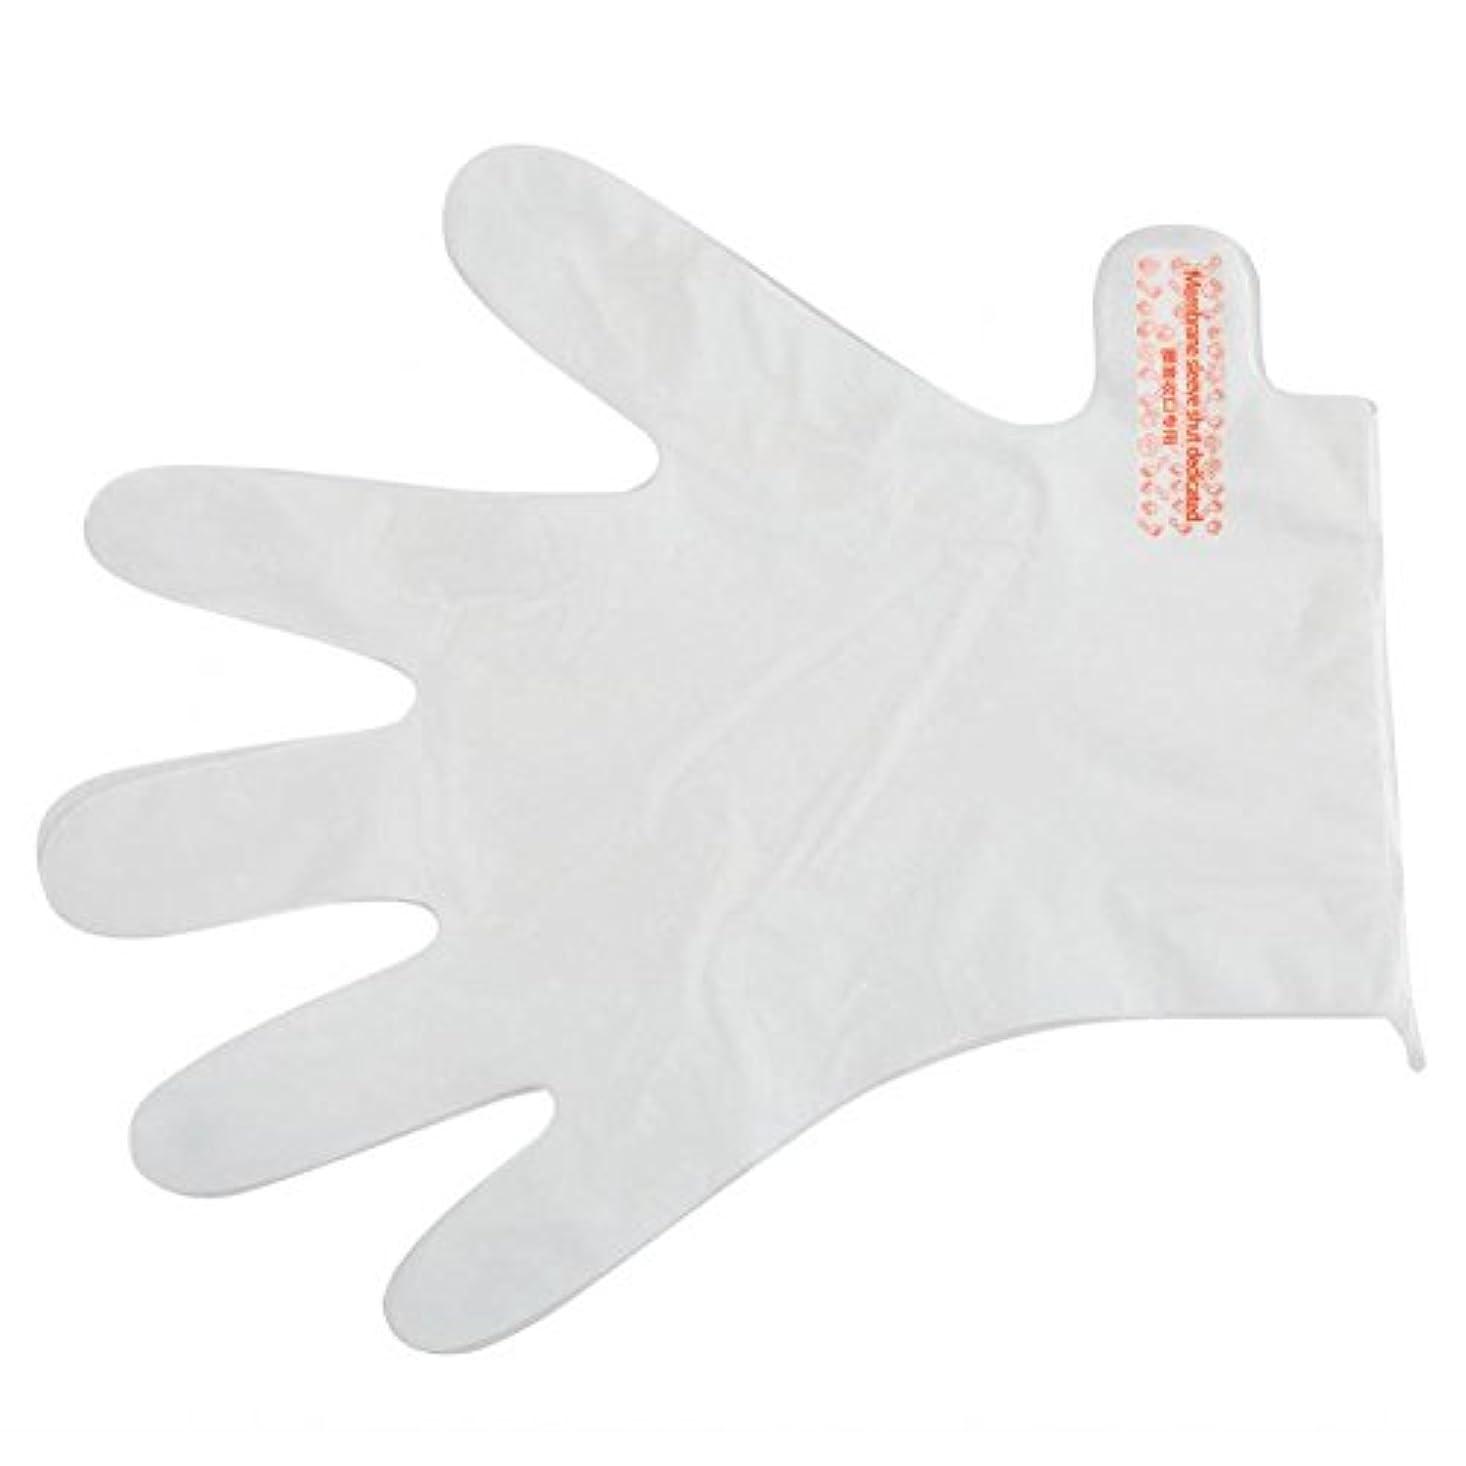 不安土発音するハンドマスク ハンドパック 5セット 保湿 美白 手ケア ハンドケア 手袋 乾燥 肌荒れ対策 手 指 潤い ホワイトニング モイスチャー 自宅 しっとり